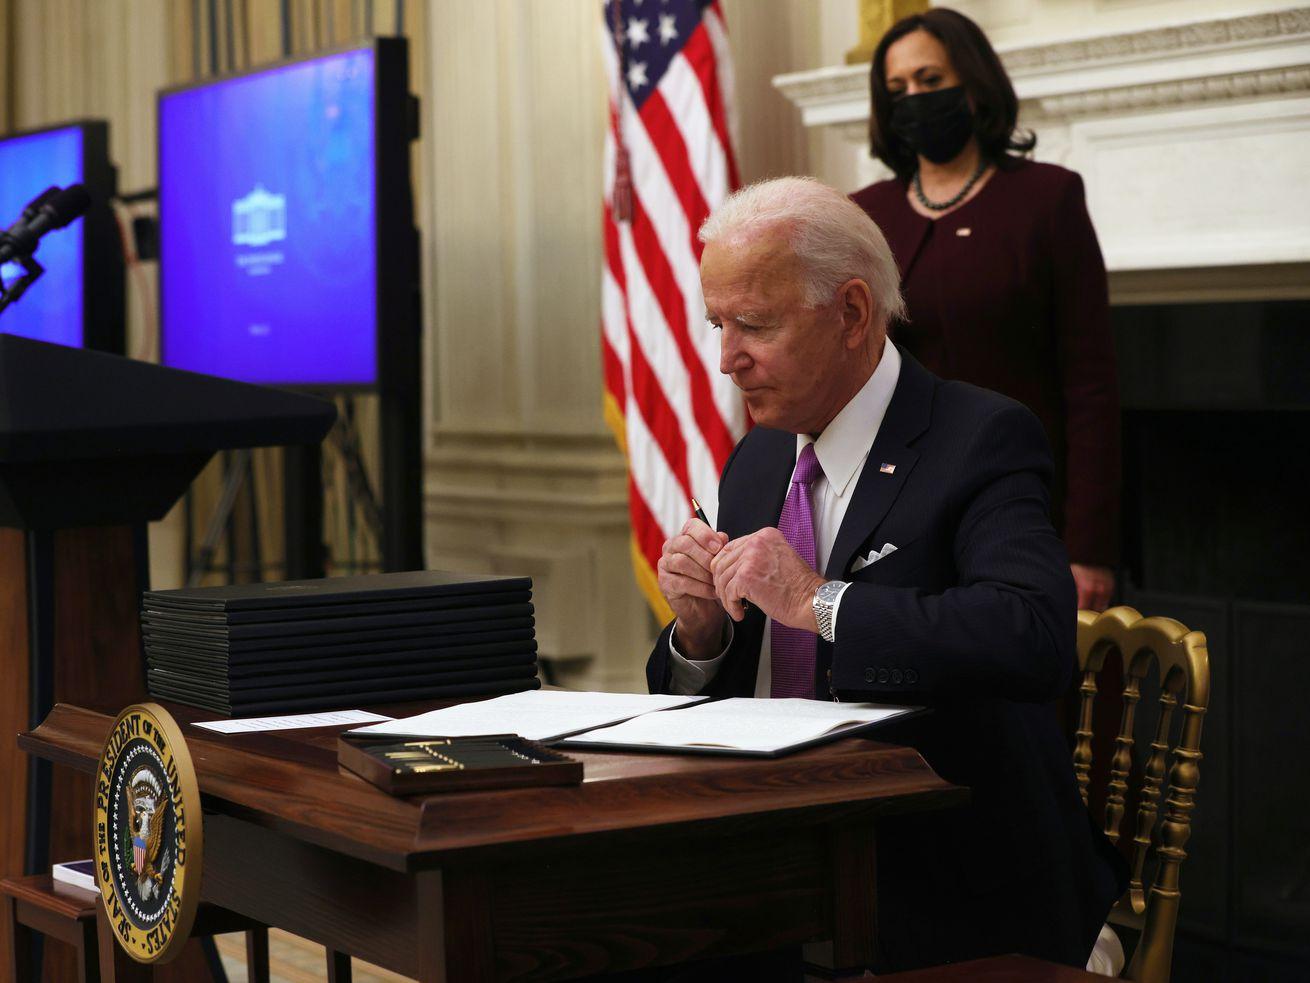 Le président Biden est assis à une table de signature de documents avec le vice-président Kamala Harris debout derrière lui à la recherche.